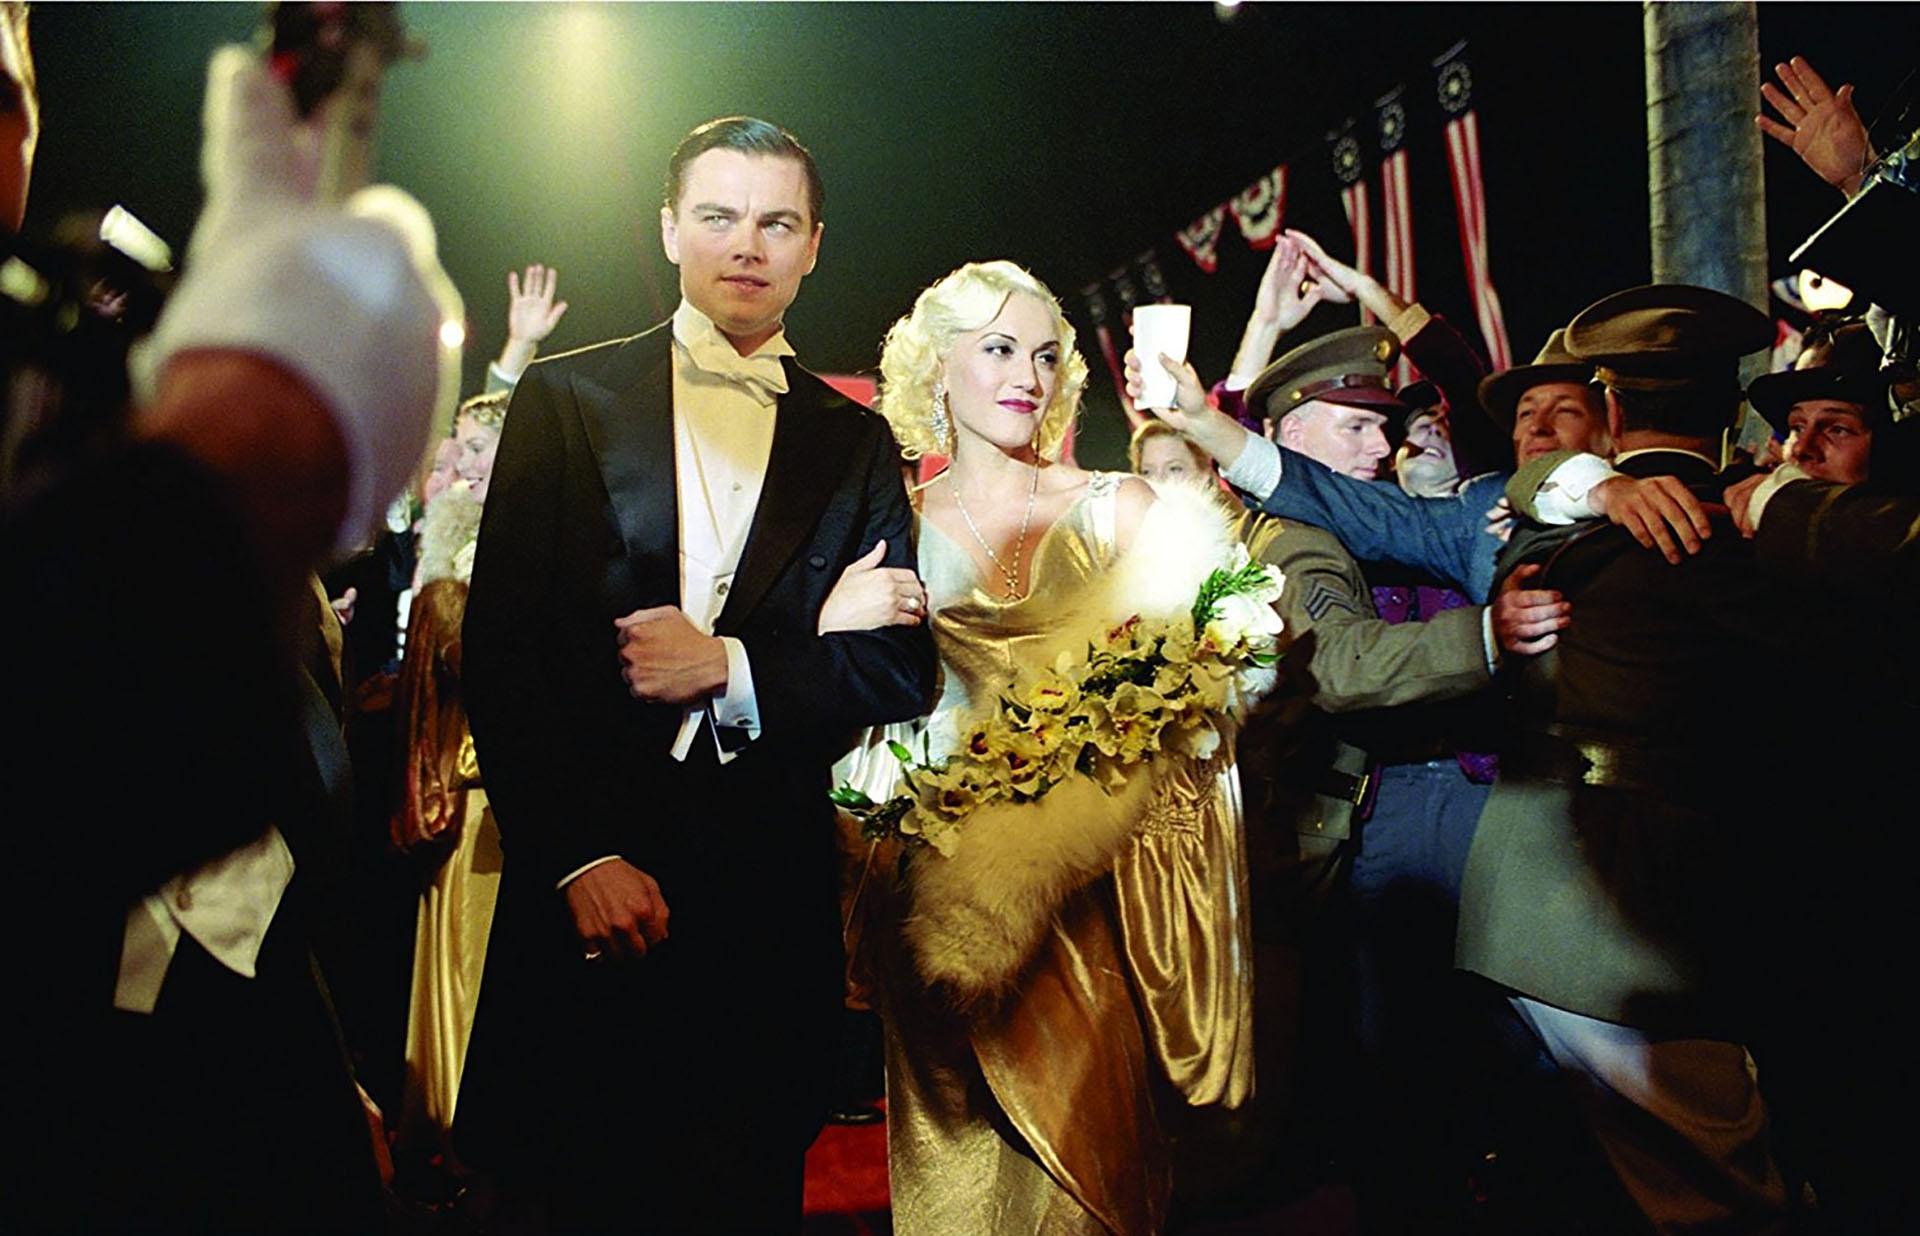 El aviador(2005) – 62ª edición.Dirigida por Martin Scorsese.Ganó 3 Globos de Oro: mejor película dramática, mejor actor y mejor banda sonora